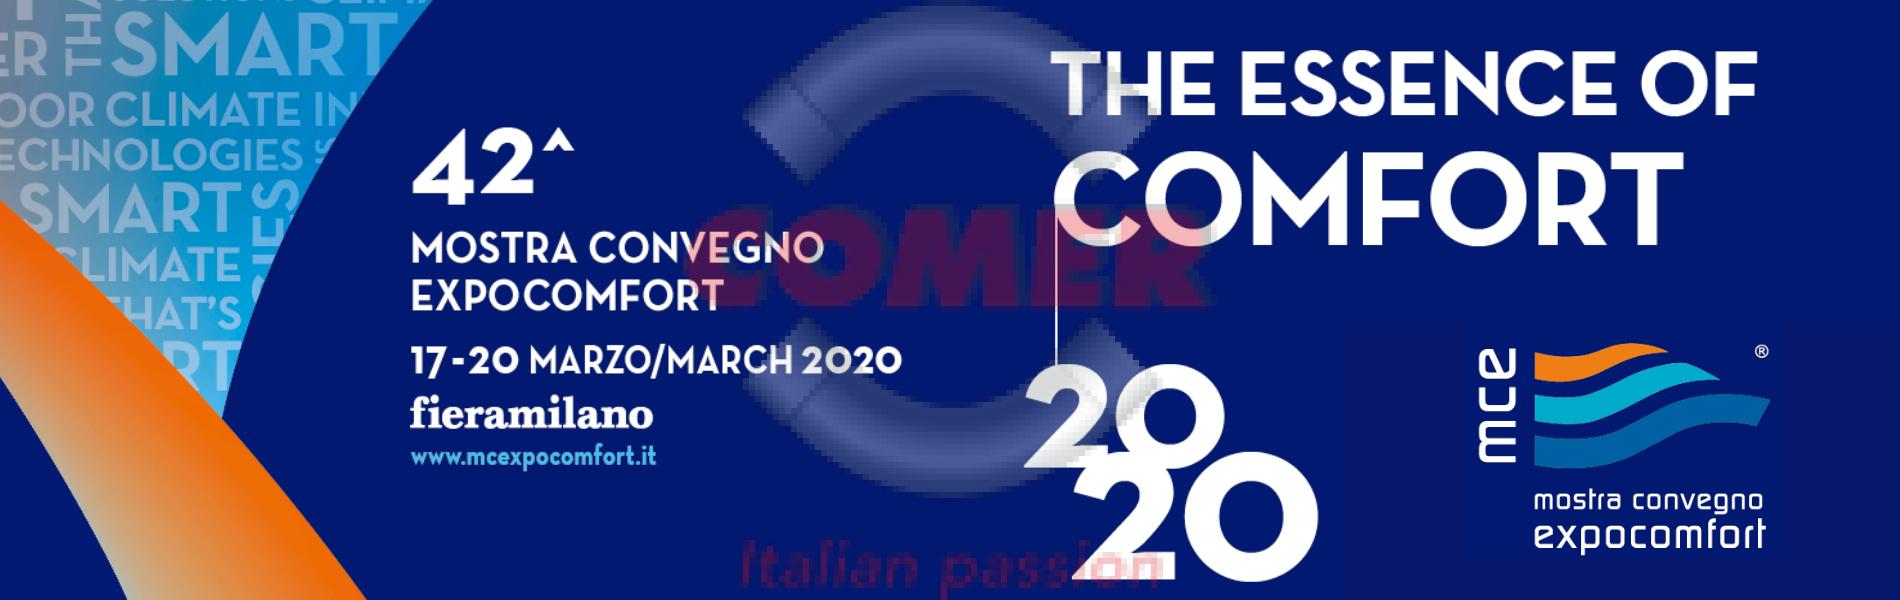 Mostra Convegno Expocomfort 2020 - COMER S.p.A.